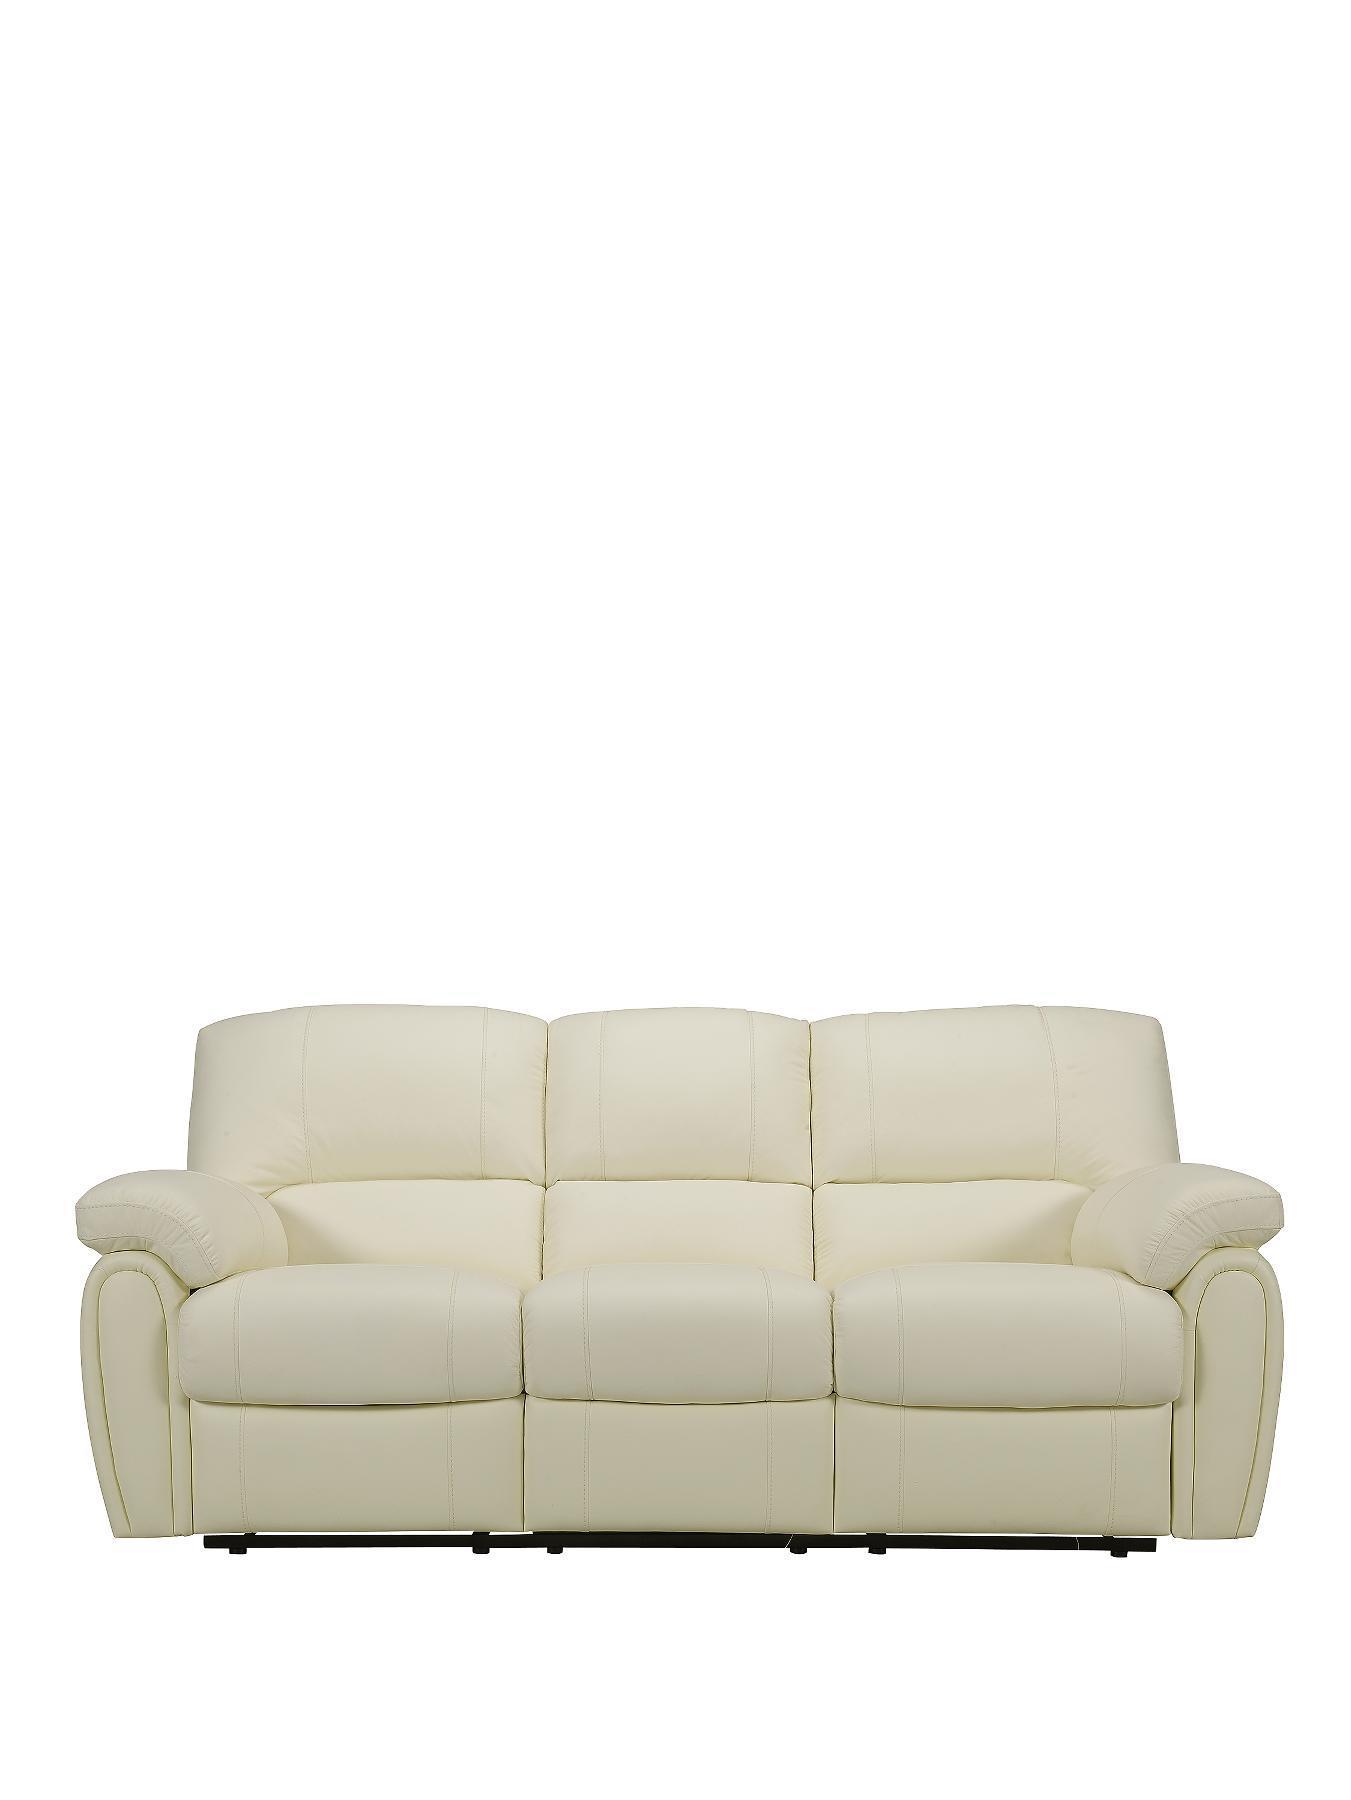 3 seater recliner sofa sale slide out bed uk littlewoods monterey black ivory